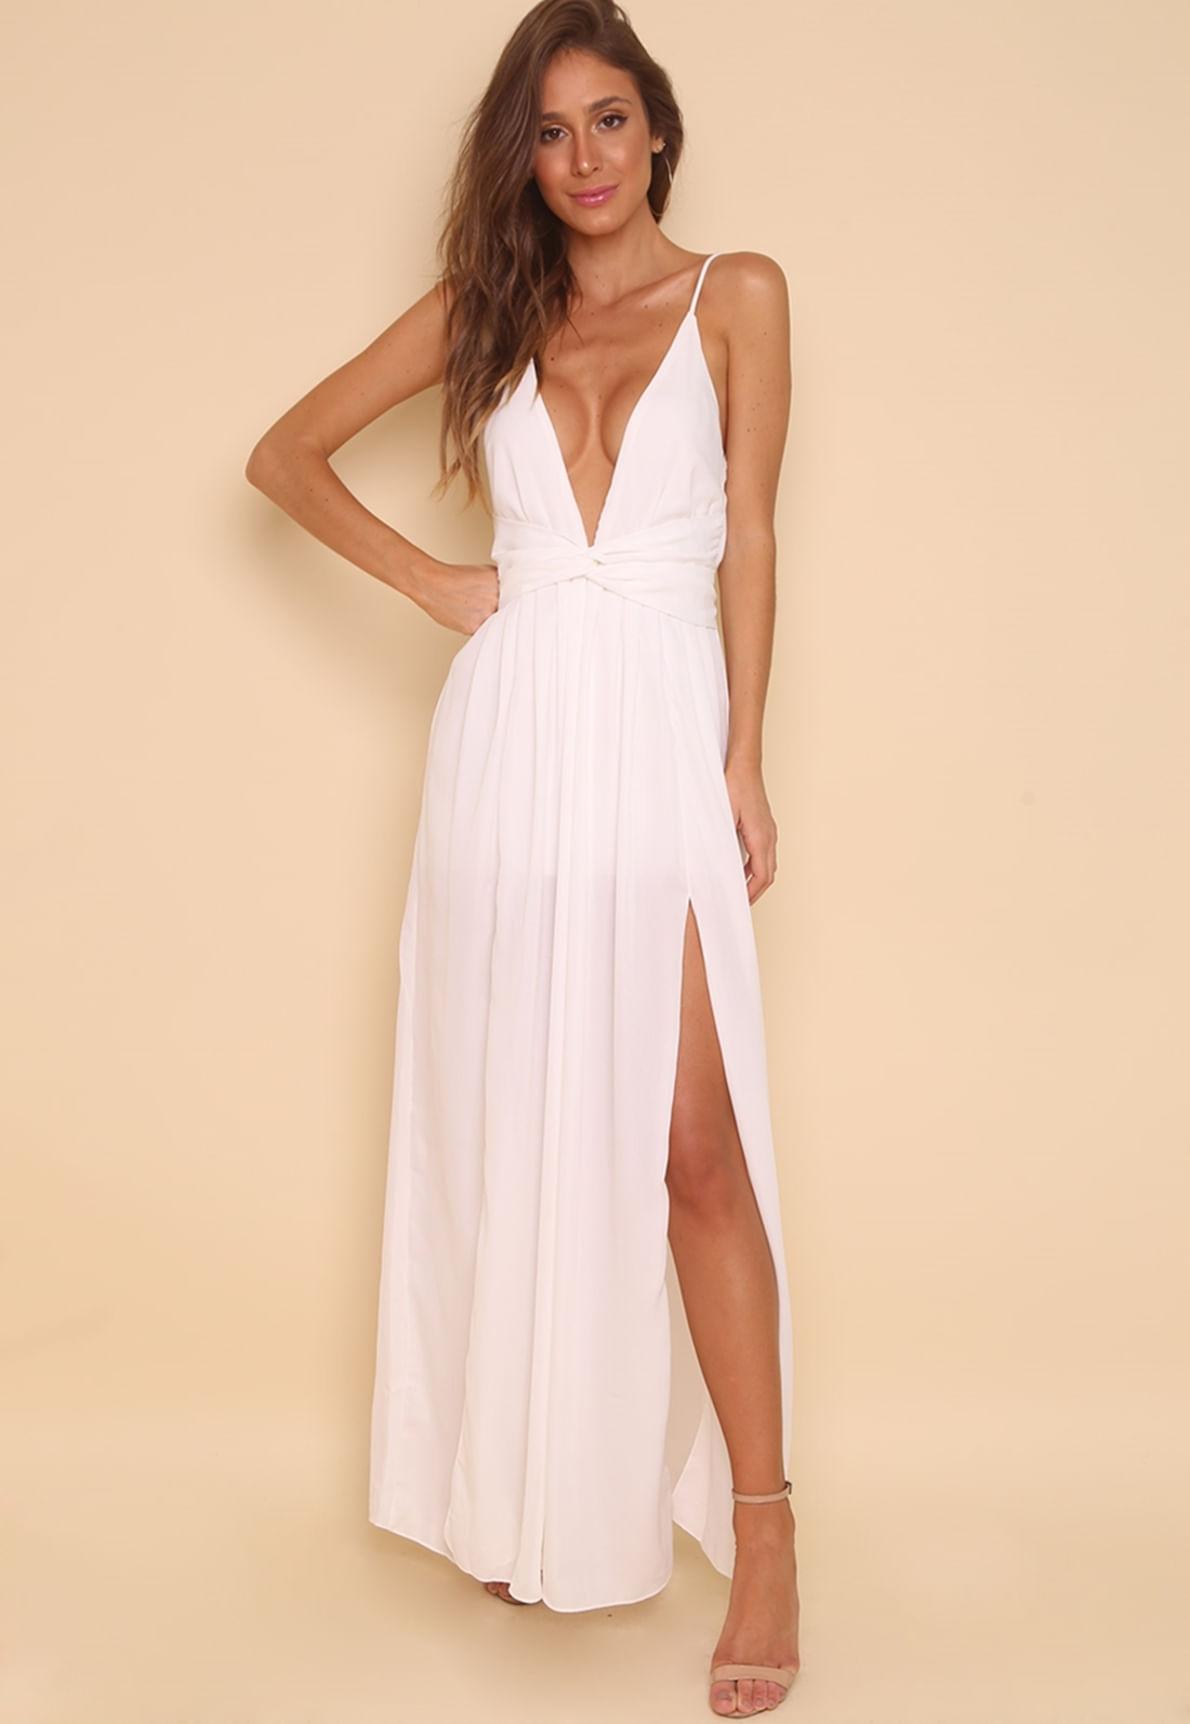 29841-vestido-longo-branco-evelyn-mundo-lolita-03